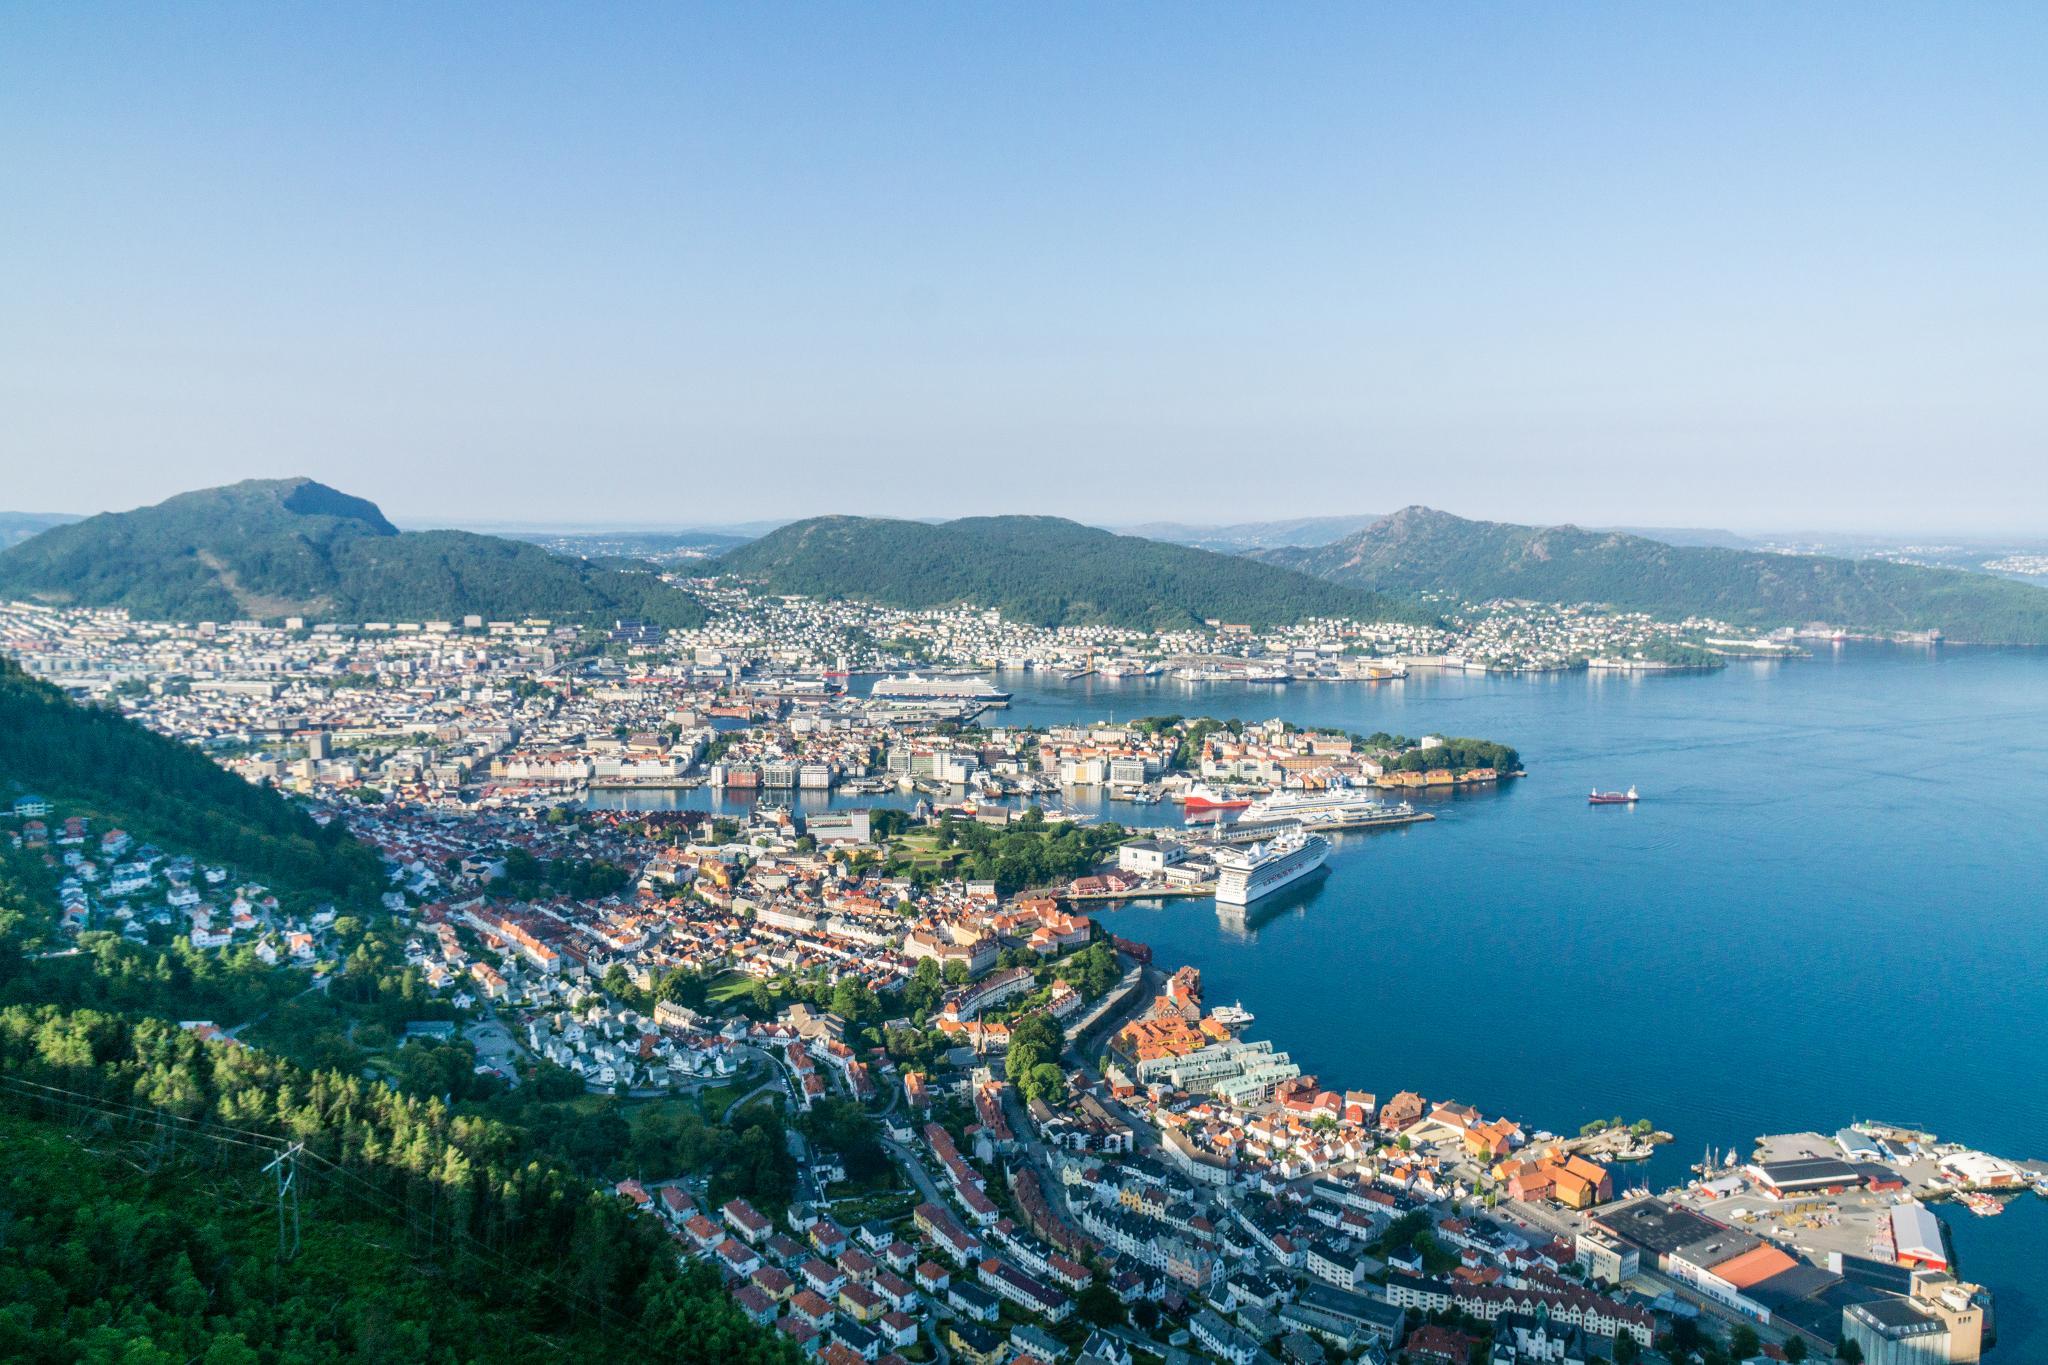 【卑爾根】超級震撼的隱藏版挪威景點 — Stoltzekleiven桑德維克斯石梯與Fløyen佛洛伊恩觀景台大縱走 11